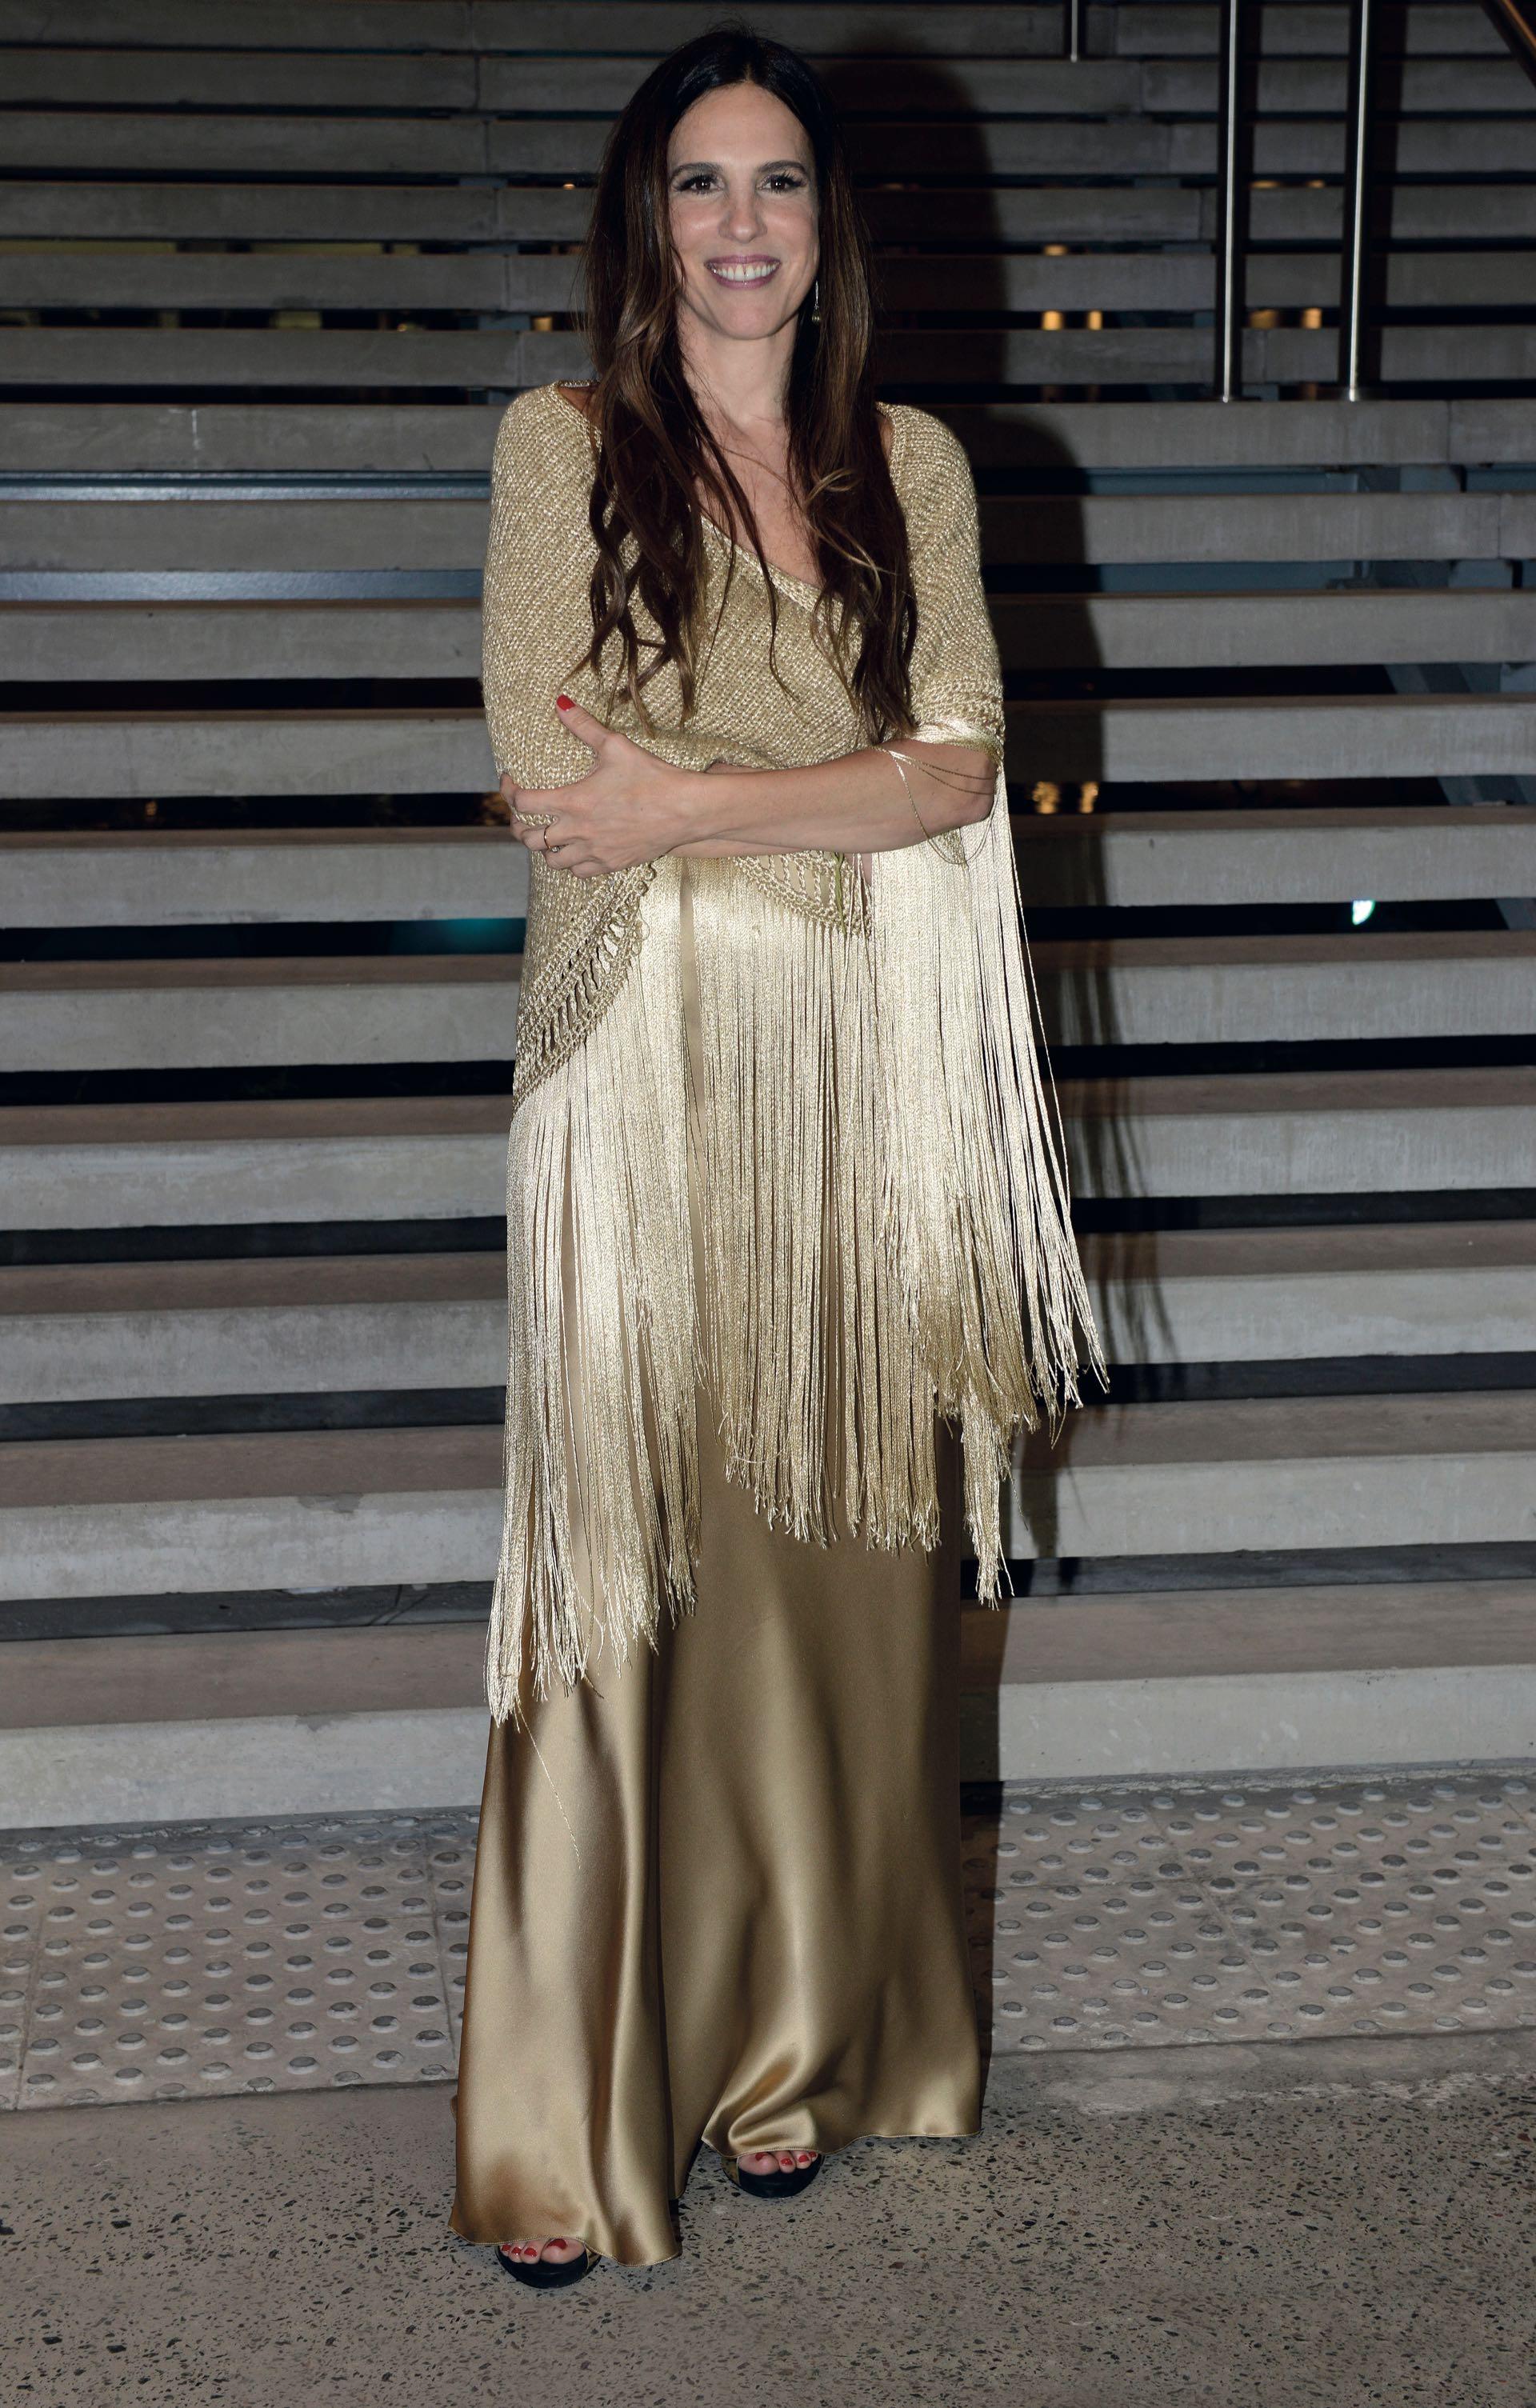 Paula Robles eligió un vestido color champagne de El Camarín. Foto: Maximiliano Vernazza/GENTE